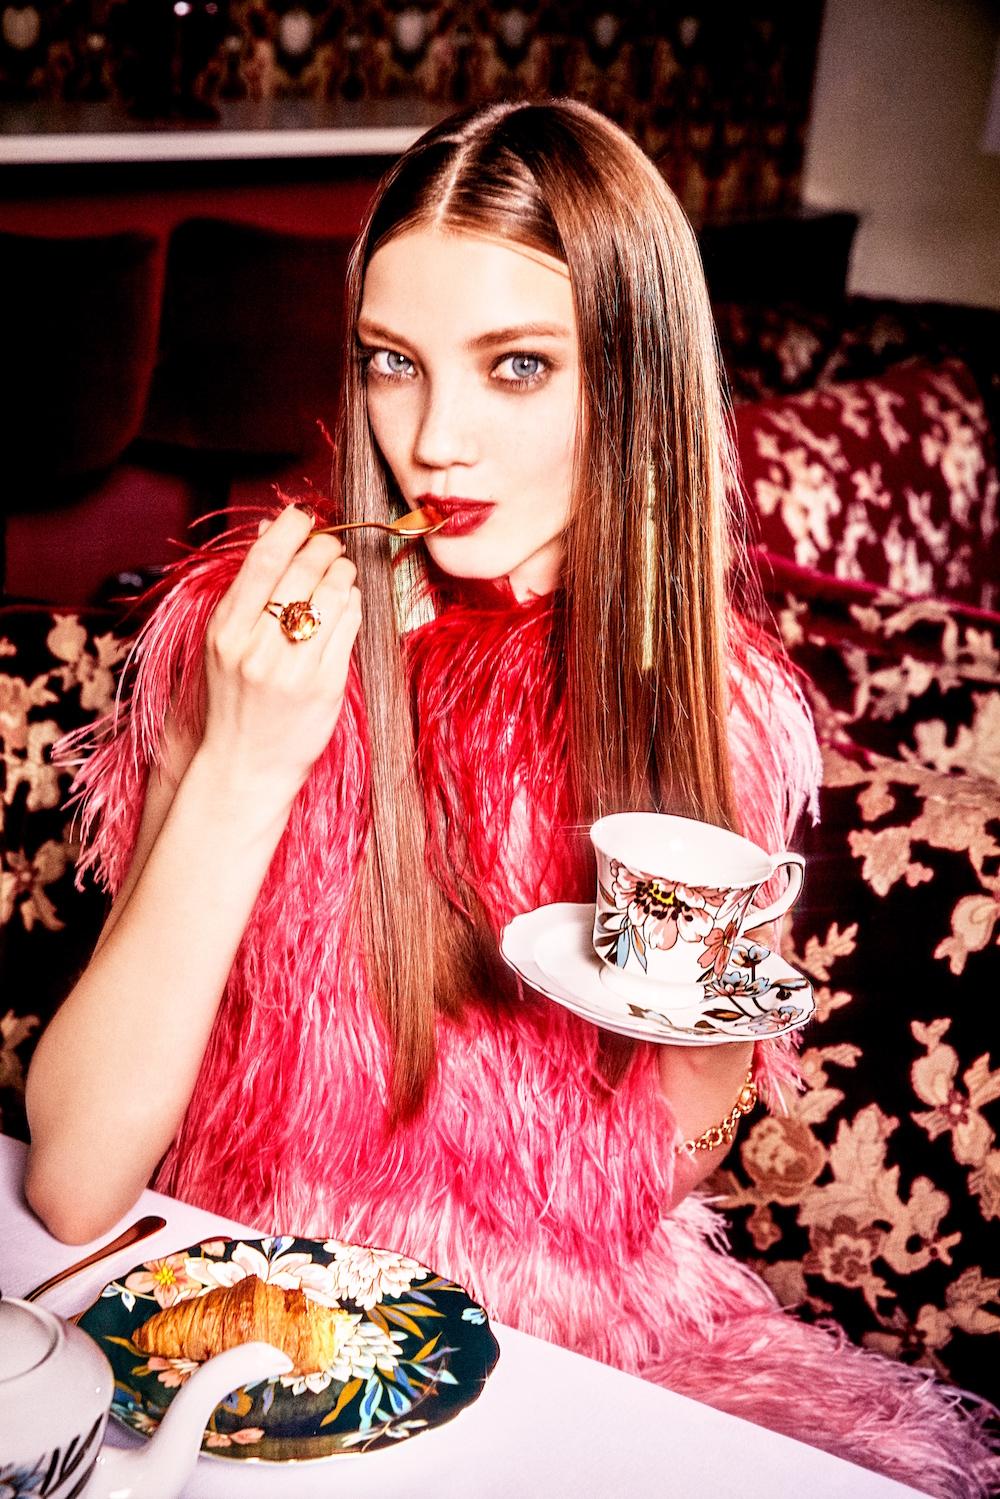 Francfranc(フランフラン)2019 Autumn & Winter Collection の新ビジュアル(ファッションフォトグラファーELLEN VON UNWERTH(エレン・フォン・アンワース:以下エレン)を起用)